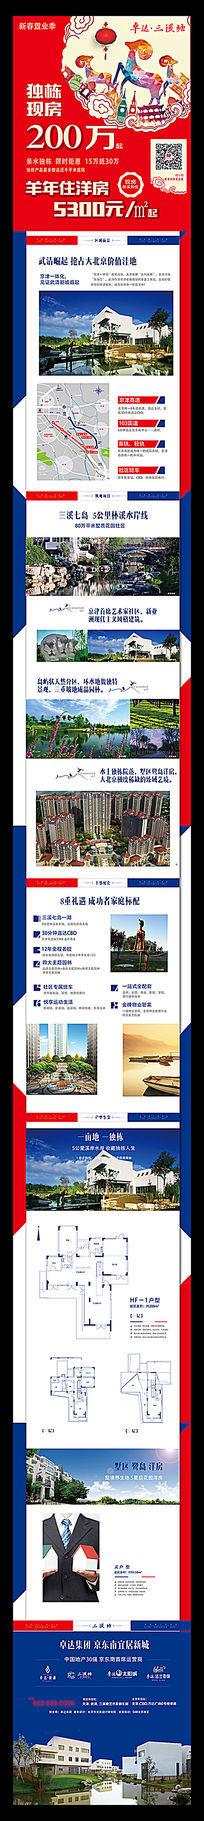 房地产拉页网页设计